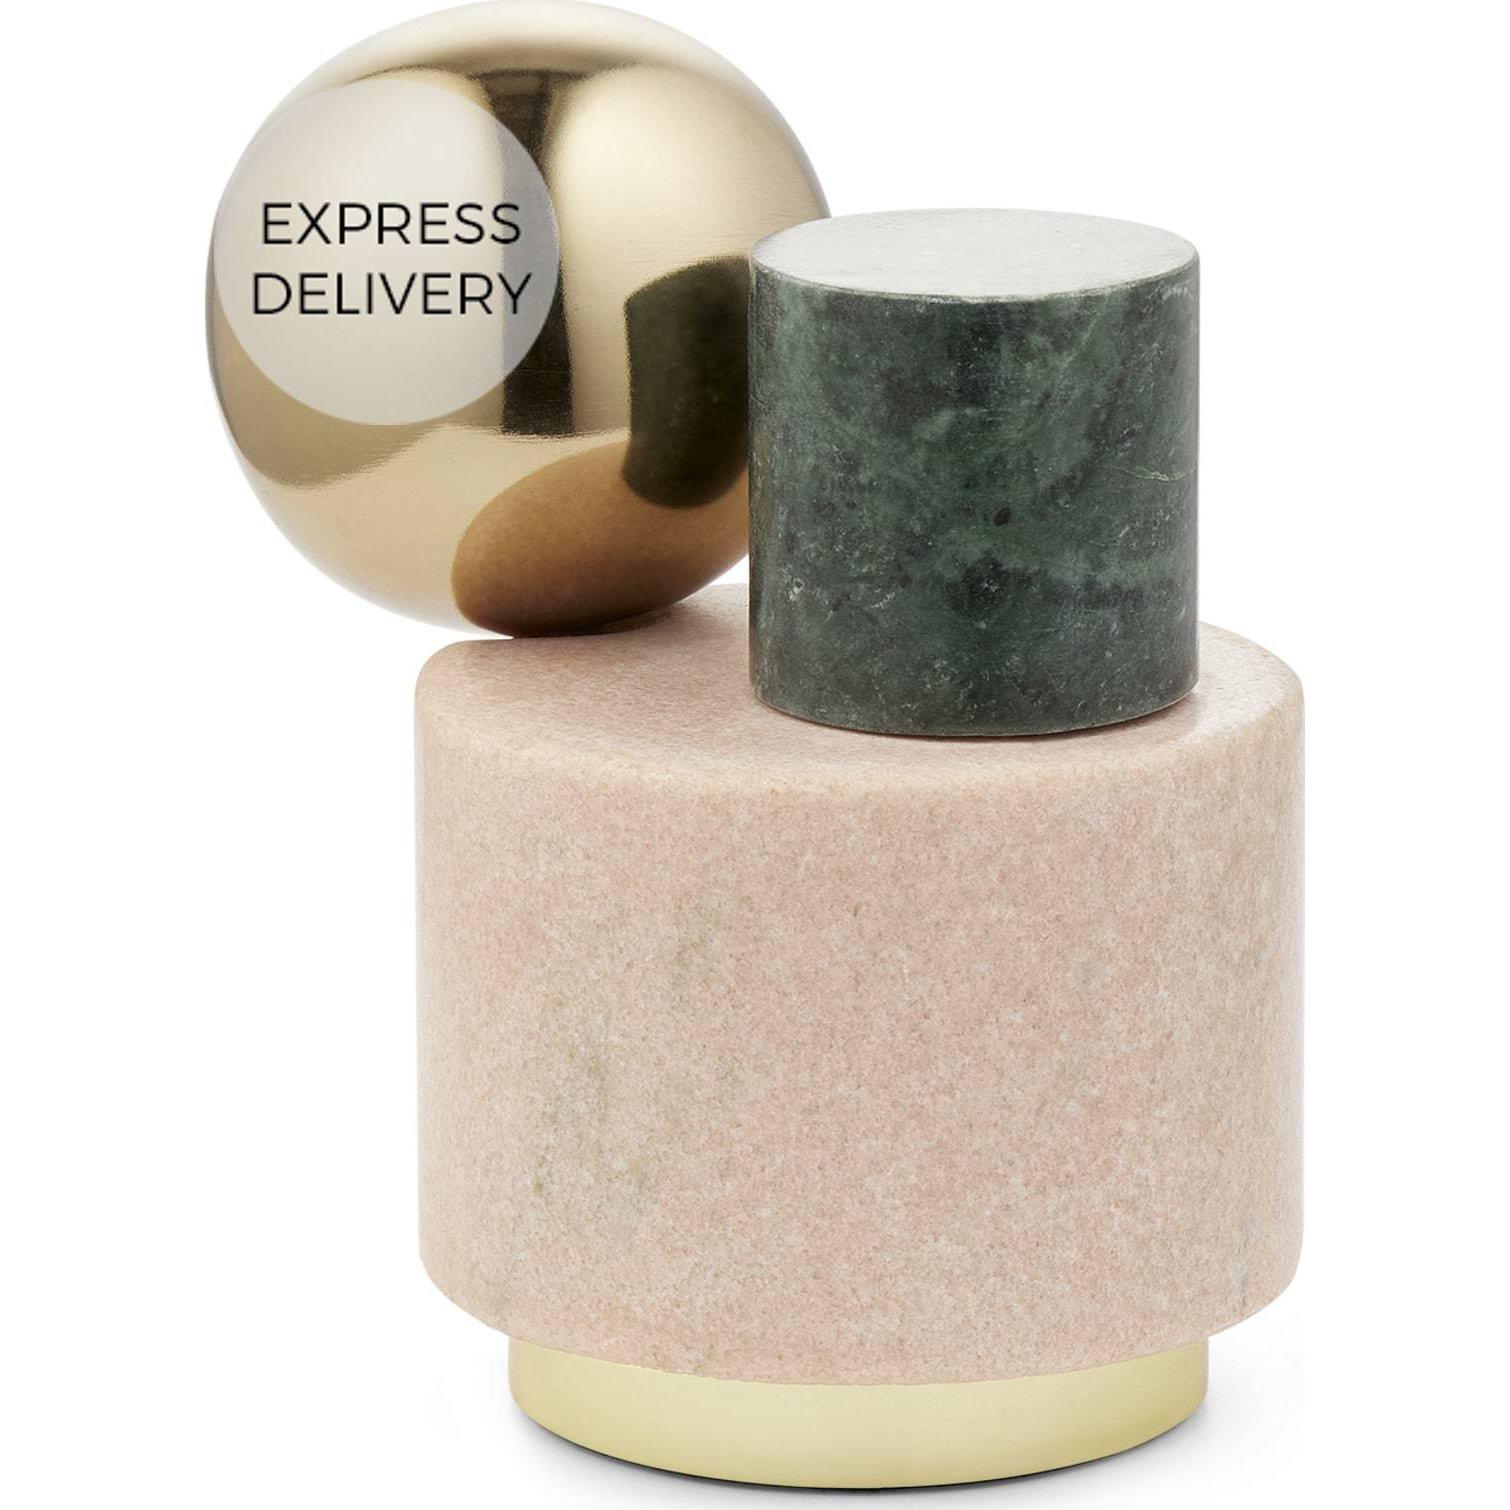 image-Tyla Marble & Brass Doorstop Objet, Multi